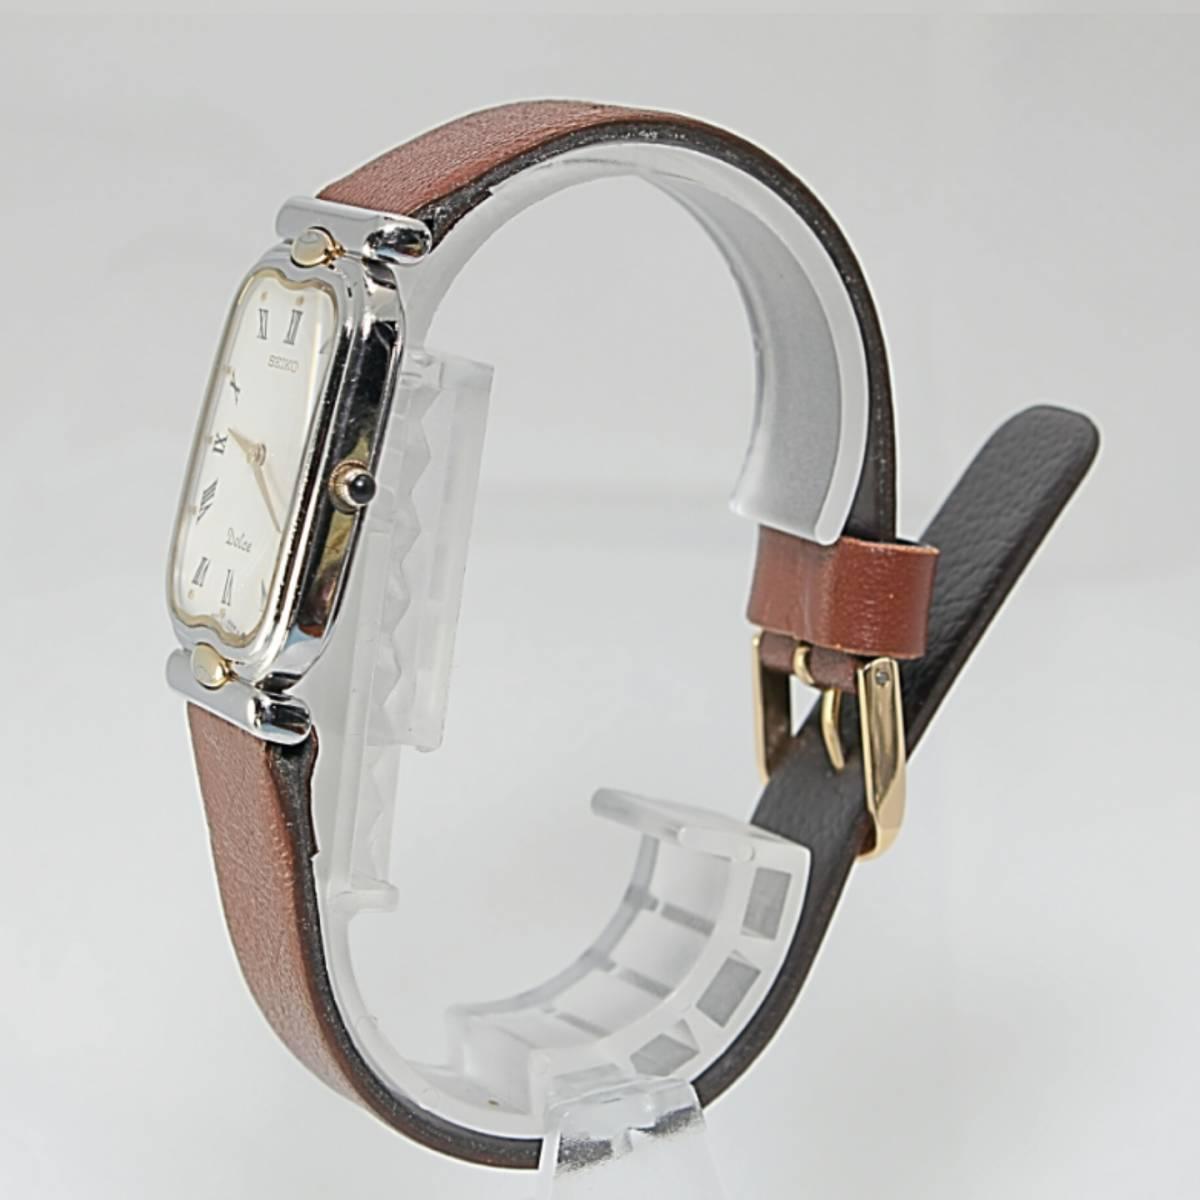 セイコー ドルチェ メンズ 電池ベルト交換済み稼働品 W-79_画像4